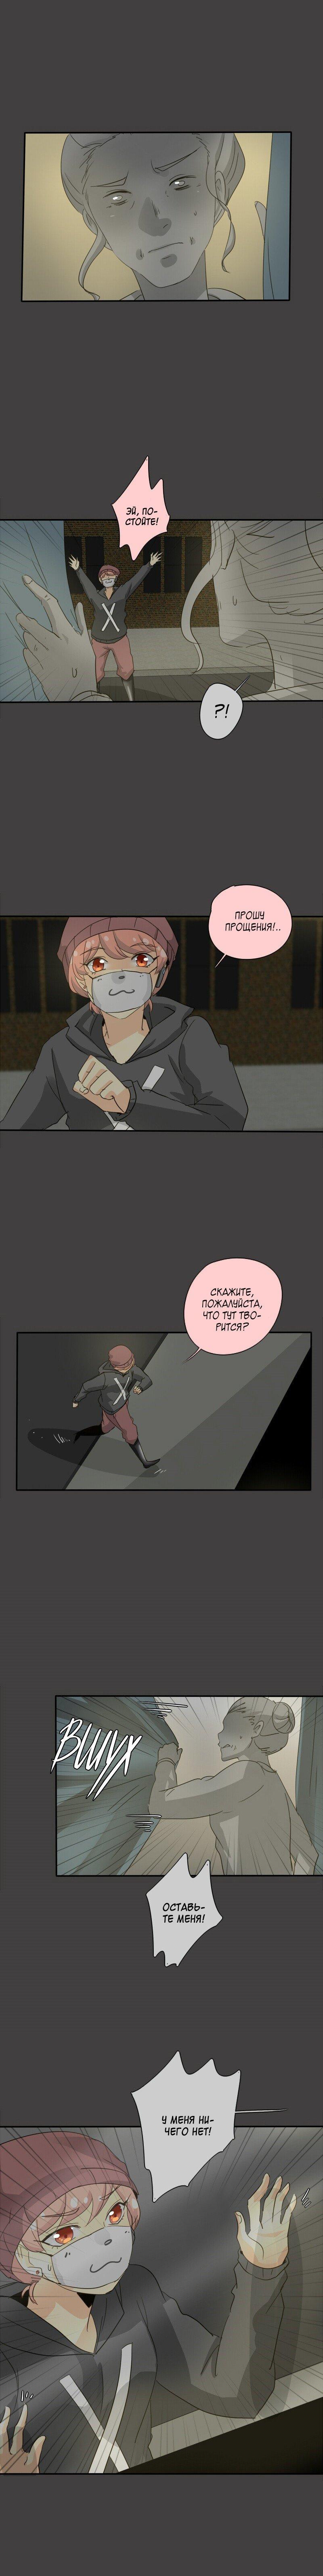 Манга неОРДИНАРНЫЕ / unORDINARY  - Том 1 Глава 101 Страница 3